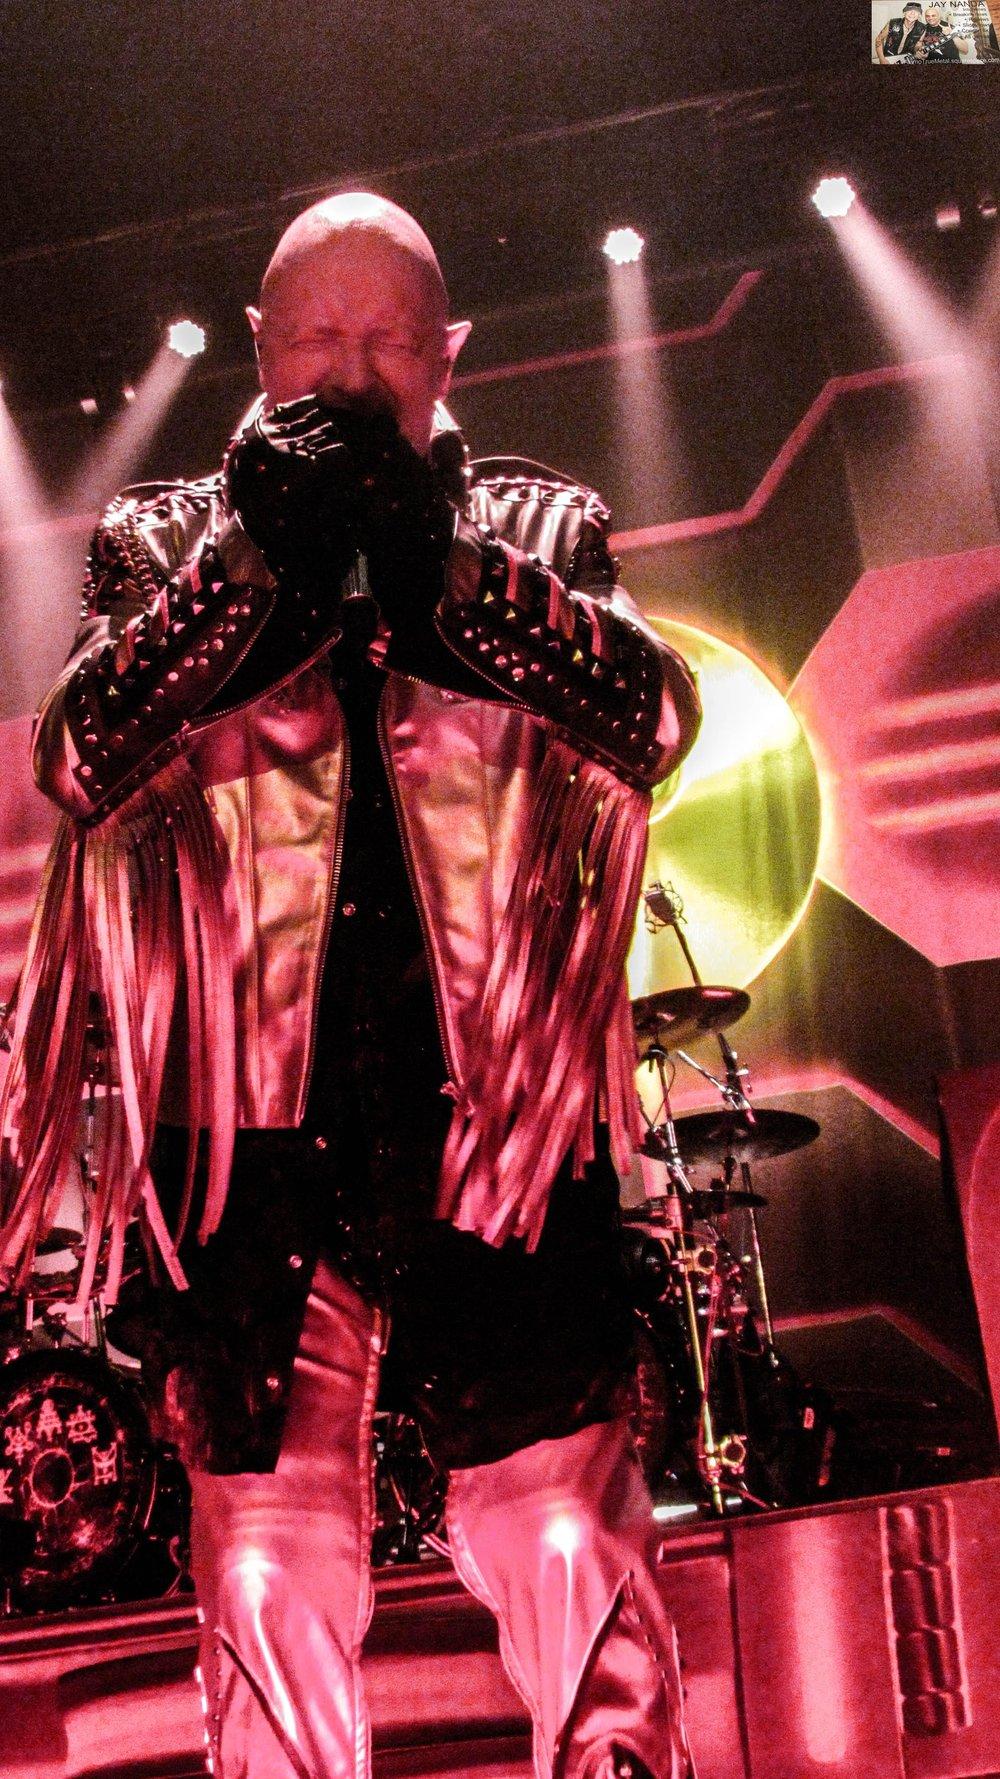 Judas Priest 23.jpg